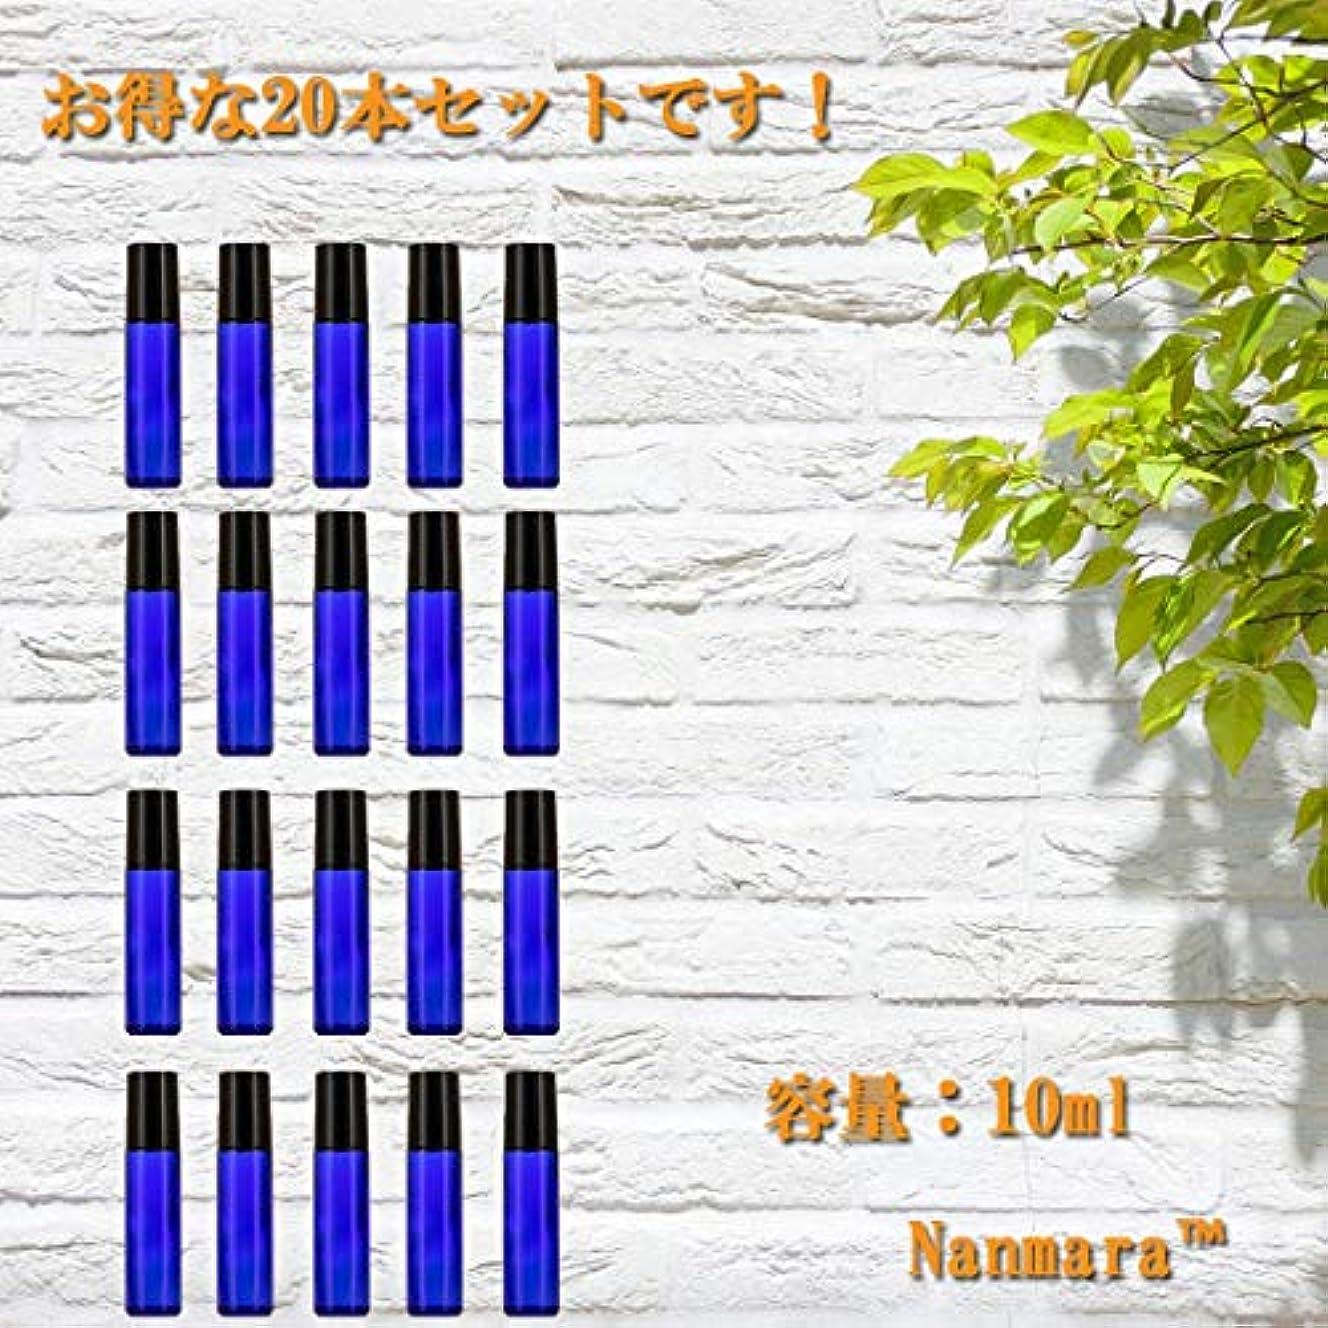 母音通知カバーロールオンボトル 10ml 遮光瓶 小分け ガラスボトル 詰め替え 容器 エッセンシャルオイル 遮光ビン ブルー (20個セット)